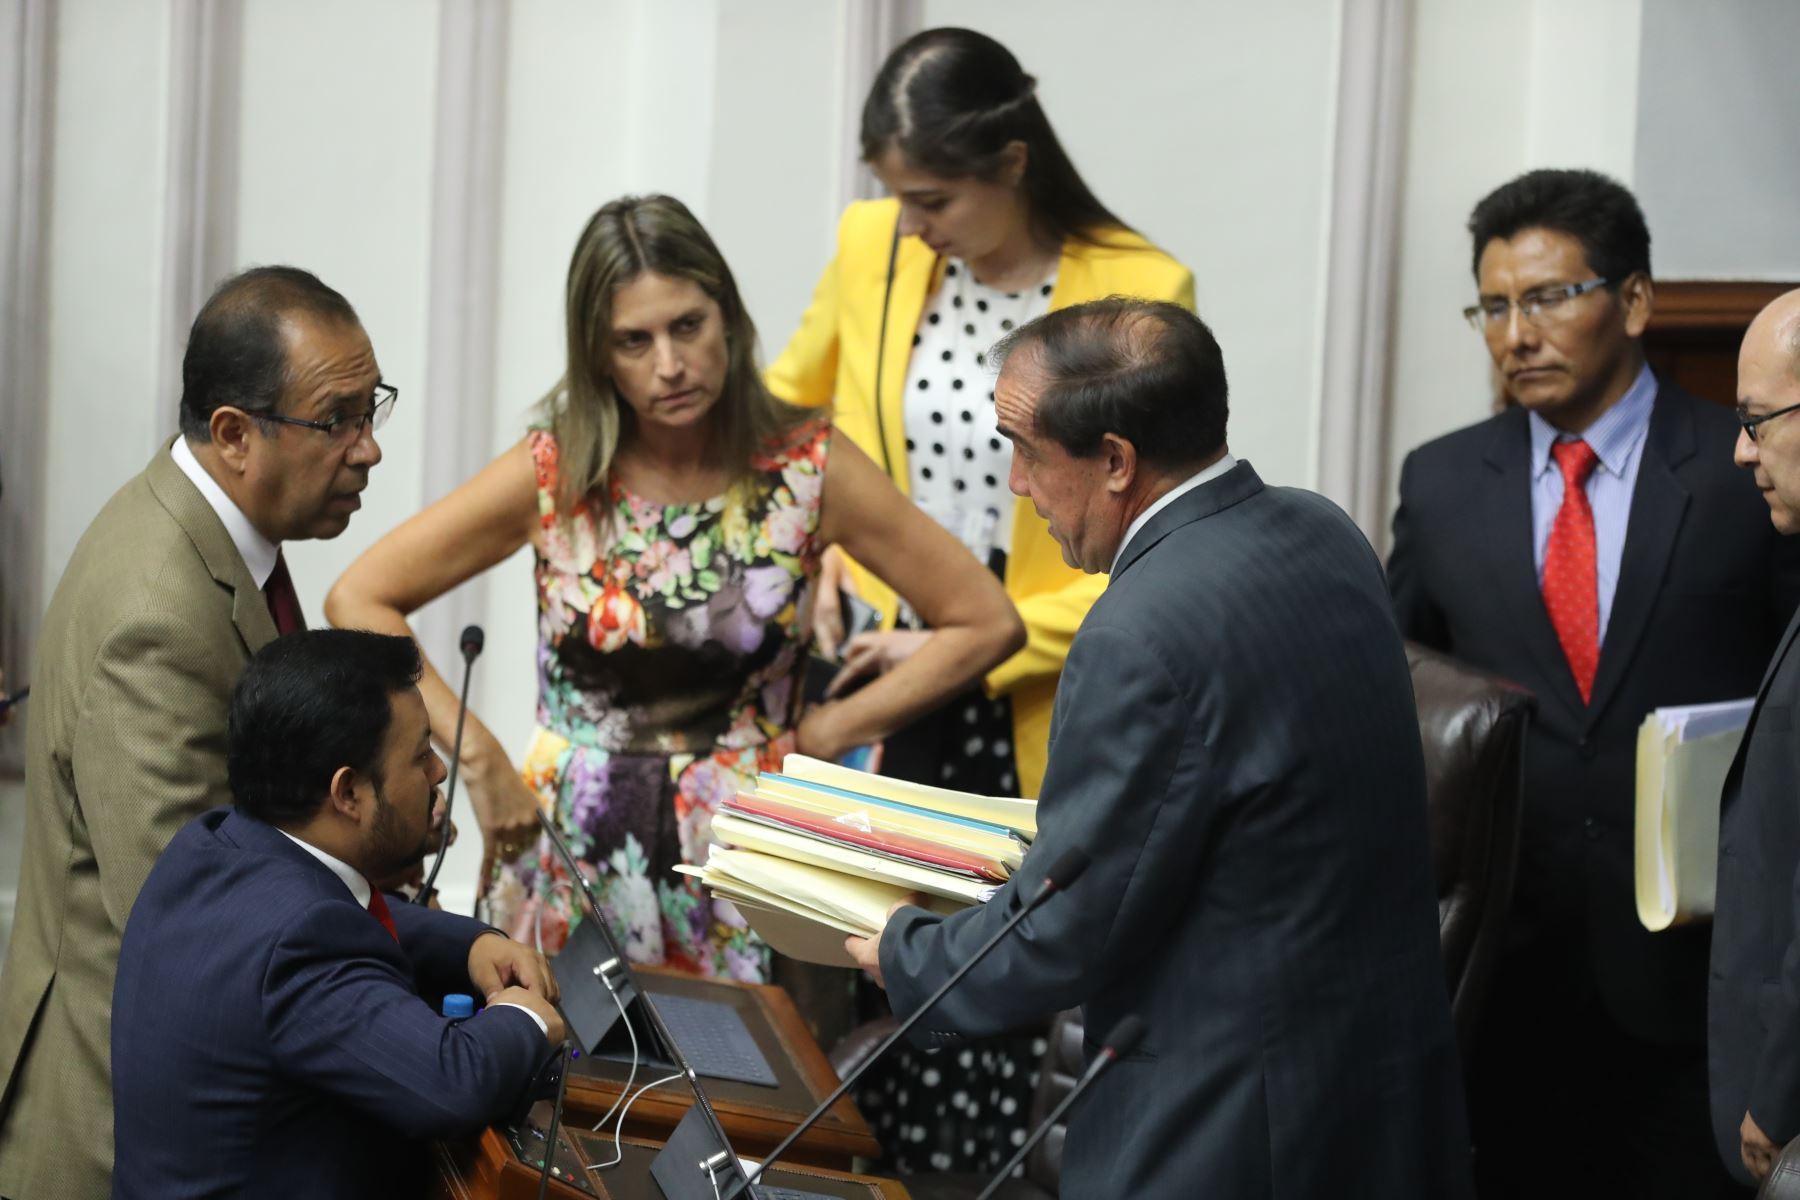 Pleno de Congreso debate el informe de la Comisión de Ética que declara fundada la denuncia por acoso sexual contra el legislador Yonhy Lescano (Acción Popular). Foto: ANDINA/ Juan Carlos Guzman Negrini.